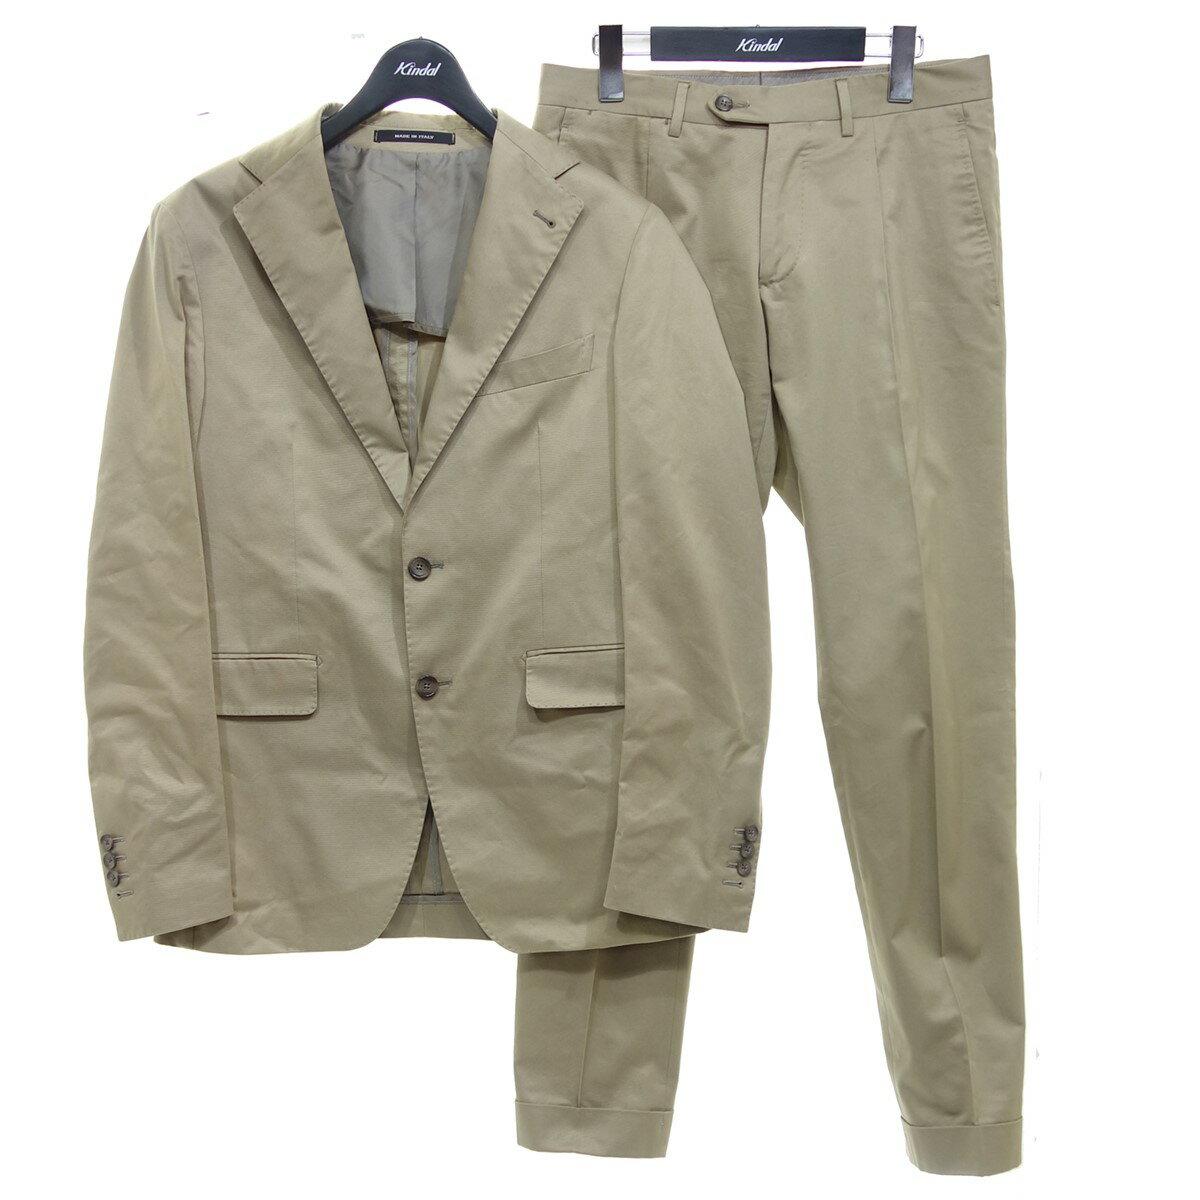 スーツ・セットアップ, スーツ TAGLIATORE 44 030321